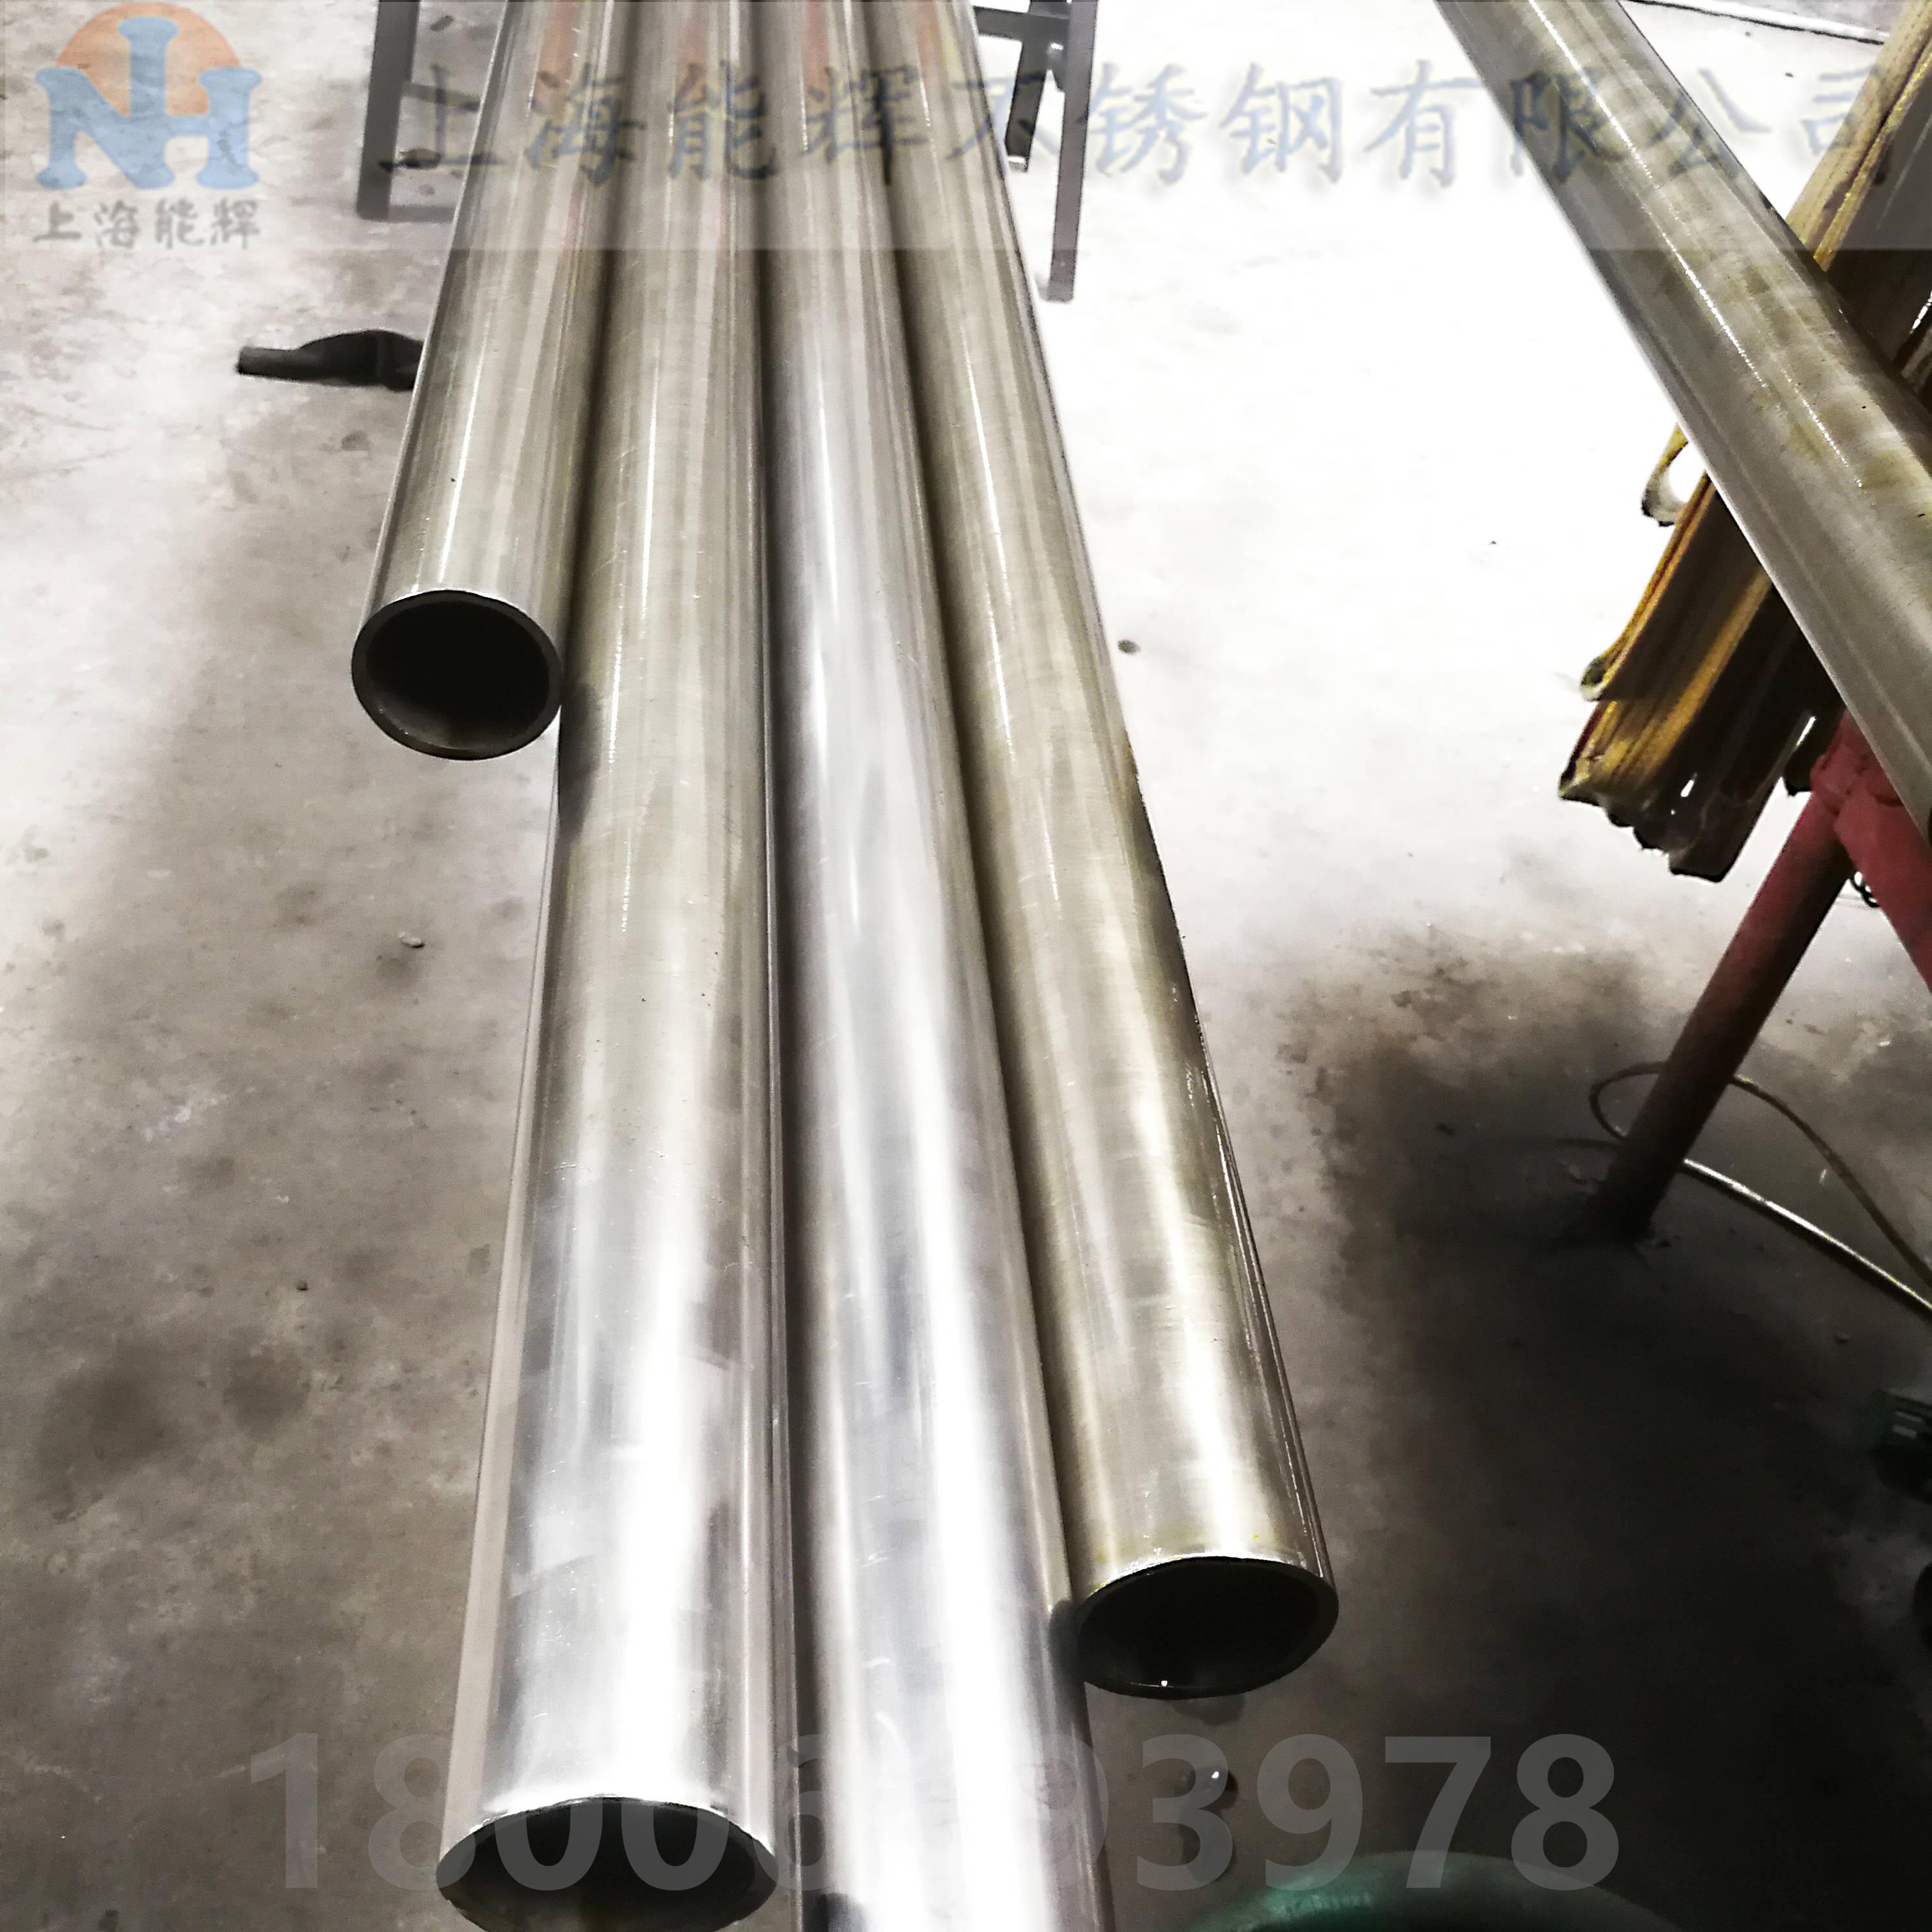 58*2卫生级不锈钢管目标是实现精确的质量可重复验证和控制(图1)